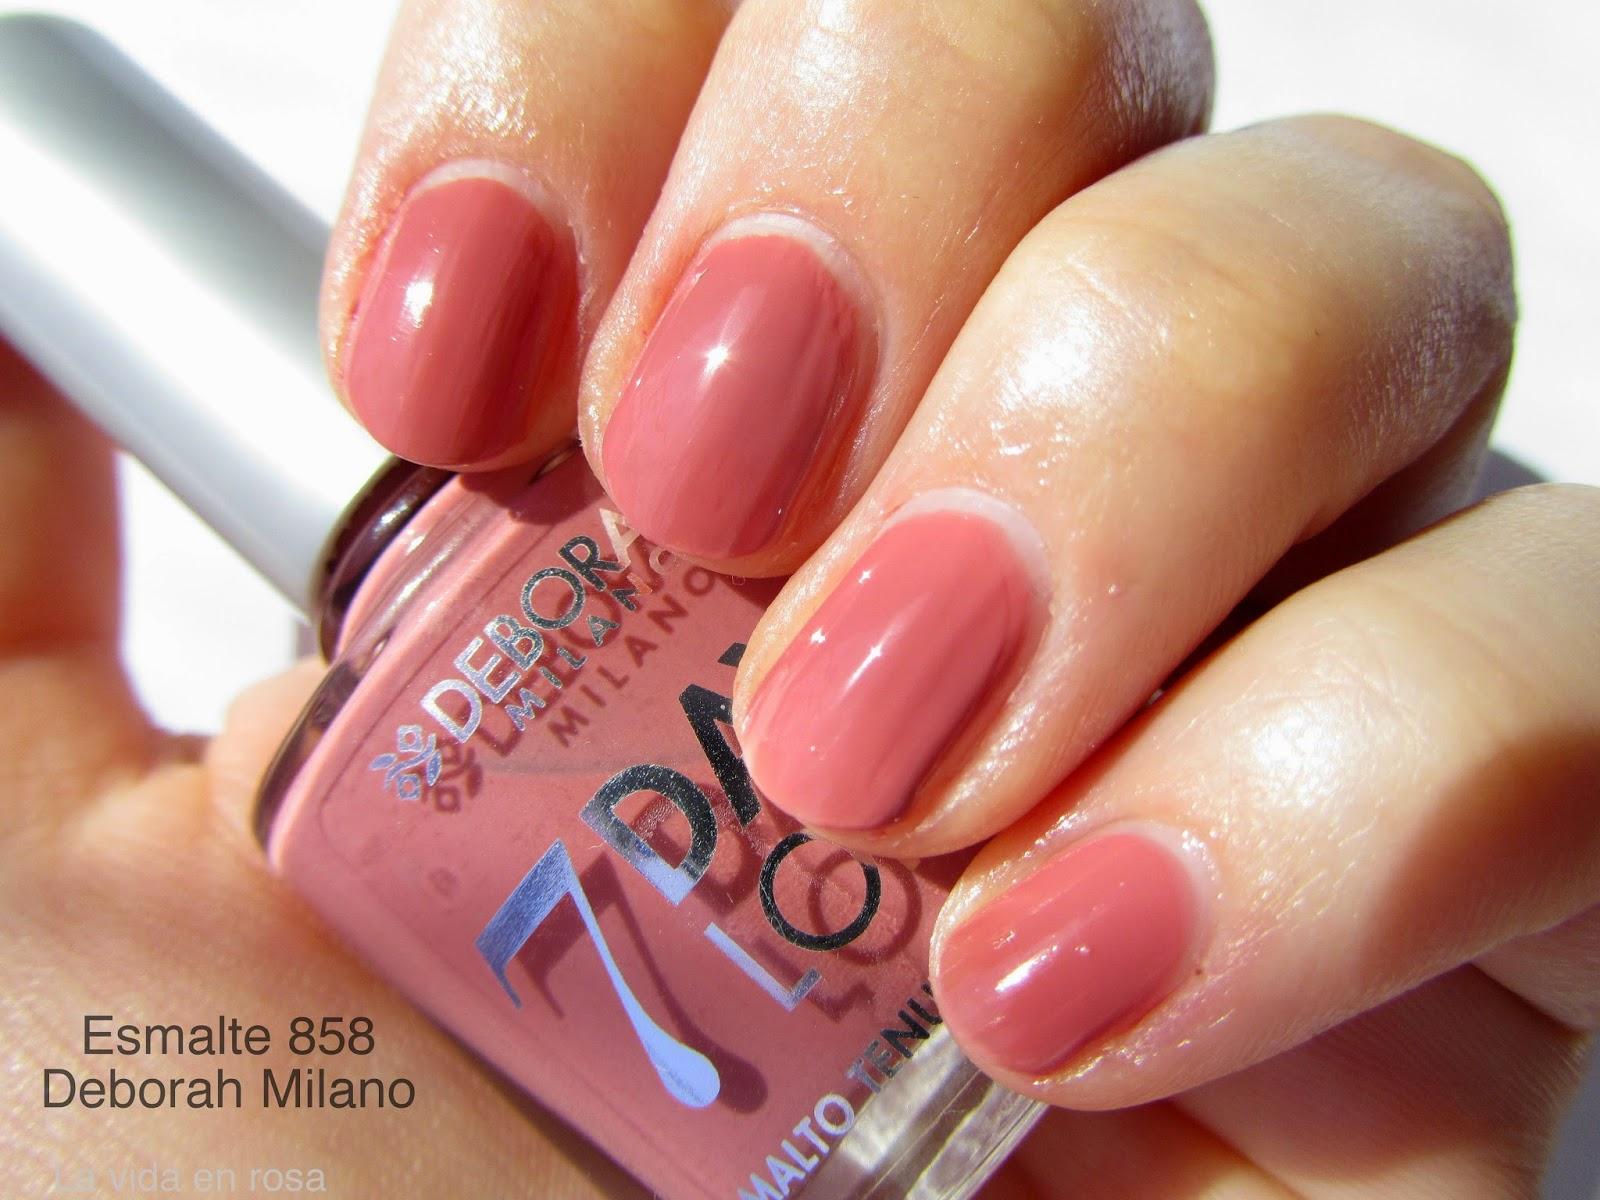 Uñas y labios a juego con Deborah Milano | La vida en rosa | Bloglovin\'